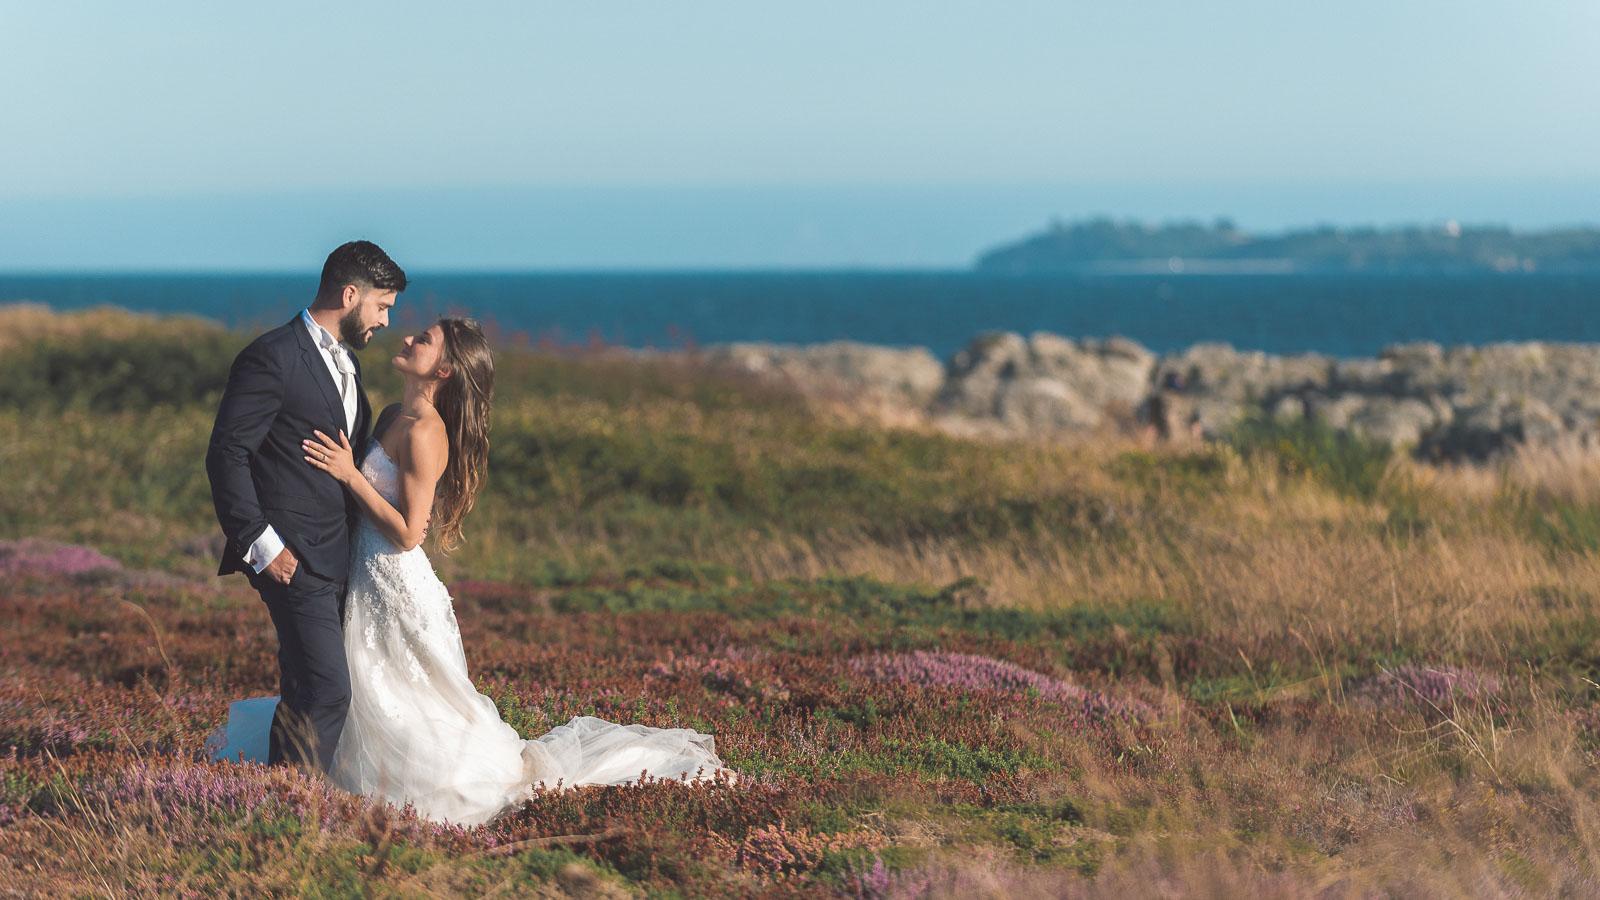 Philippe Le Pochat photographe de mariage à Ploemeur Morbihan